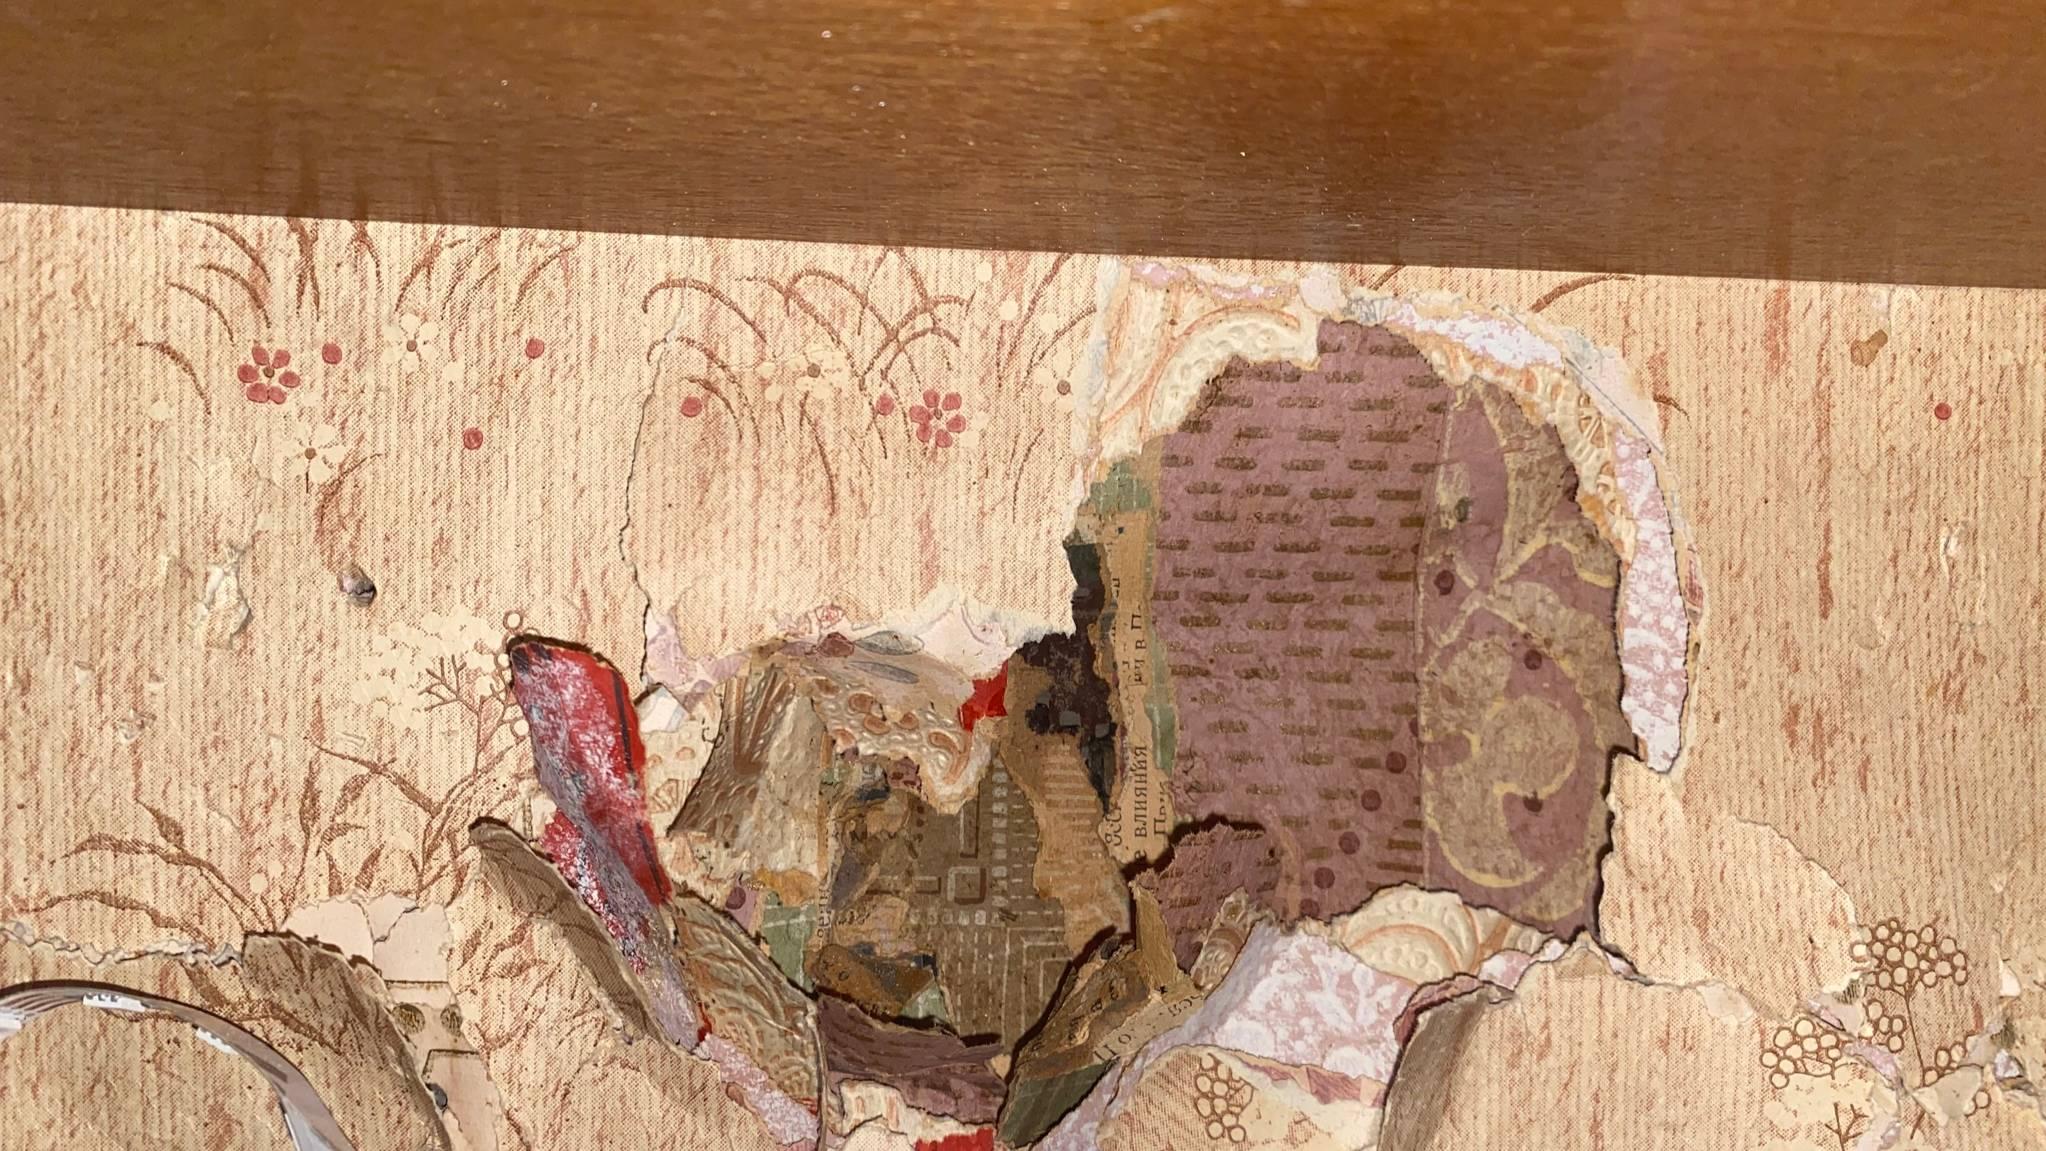 Девушка нашла портал в прошлое, сняв со стены 10 слоёв обоев, самому верхнему из которых 30 лет